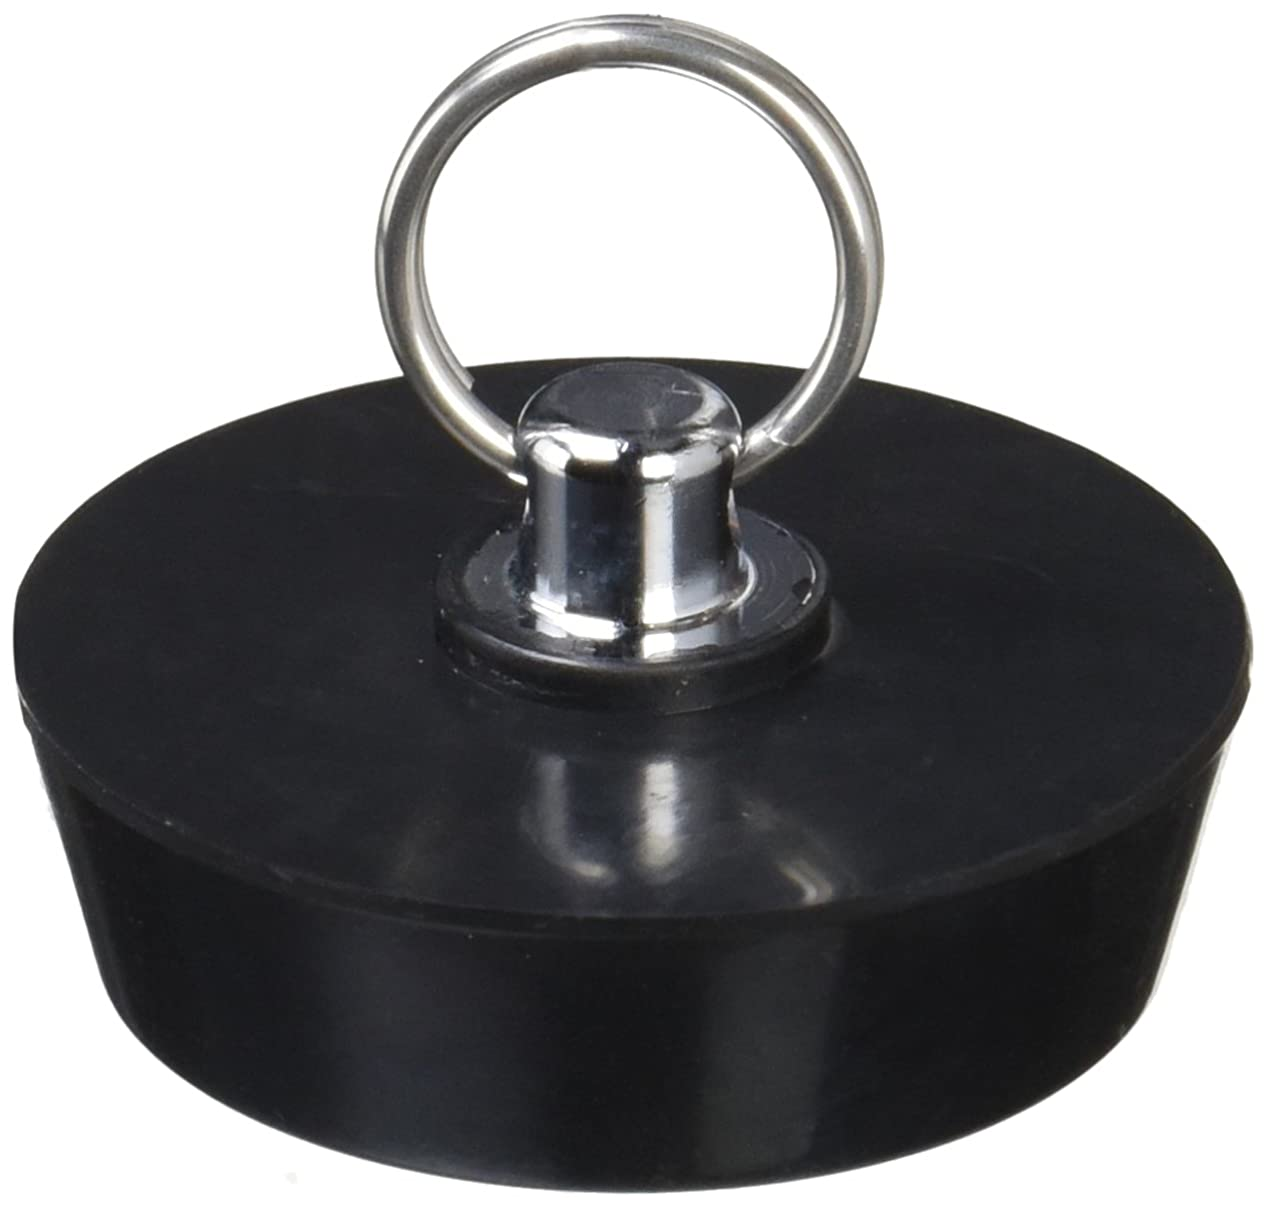 飢饉才能のある割り当てuxcell 目皿 排水口用 ダイヤシンク ヘアストッパー 目皿 排水装置 ホワイトプラスチック製 12cm